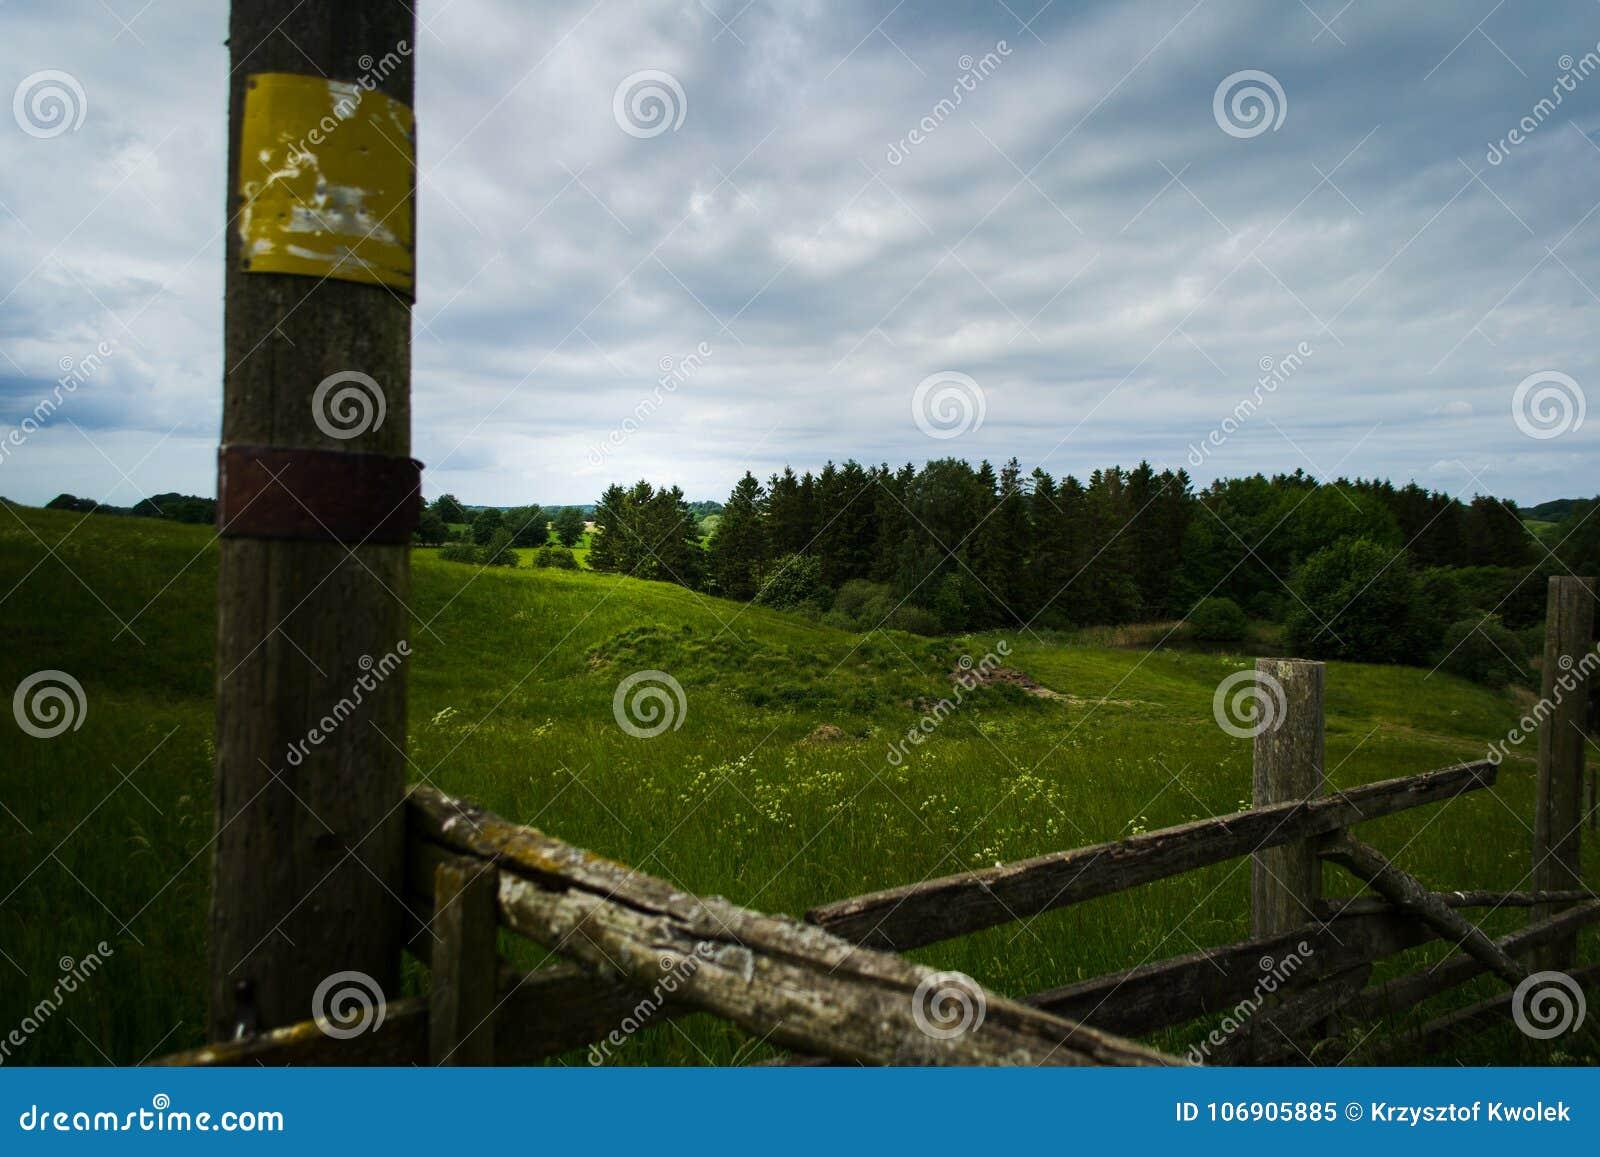 Krajobraz z ogrodzeniem w przedpolu